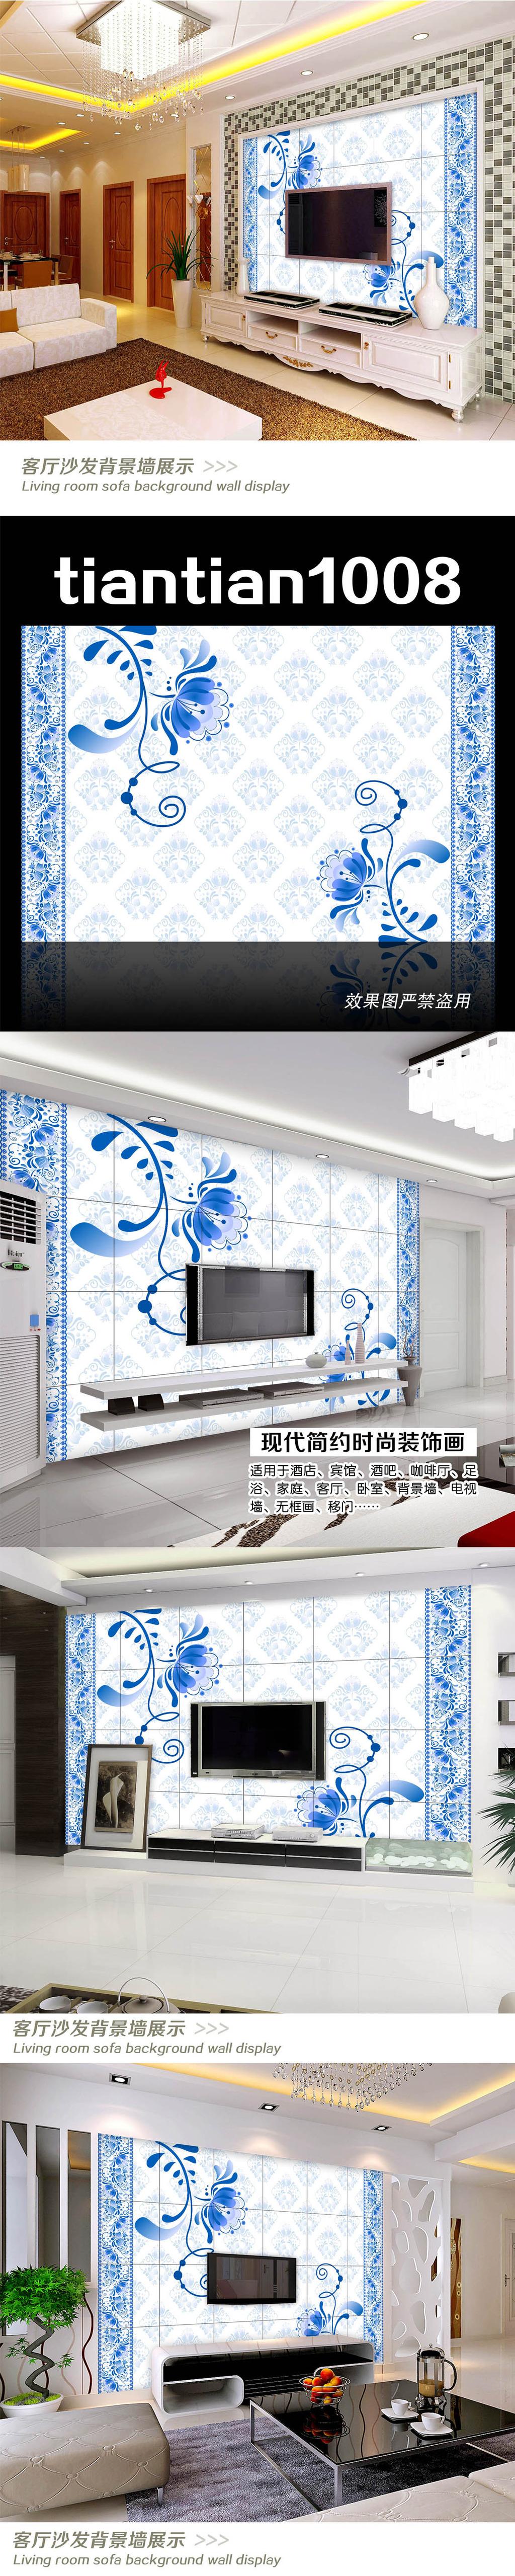 欧式花纹青花客厅电视背景墙装饰画